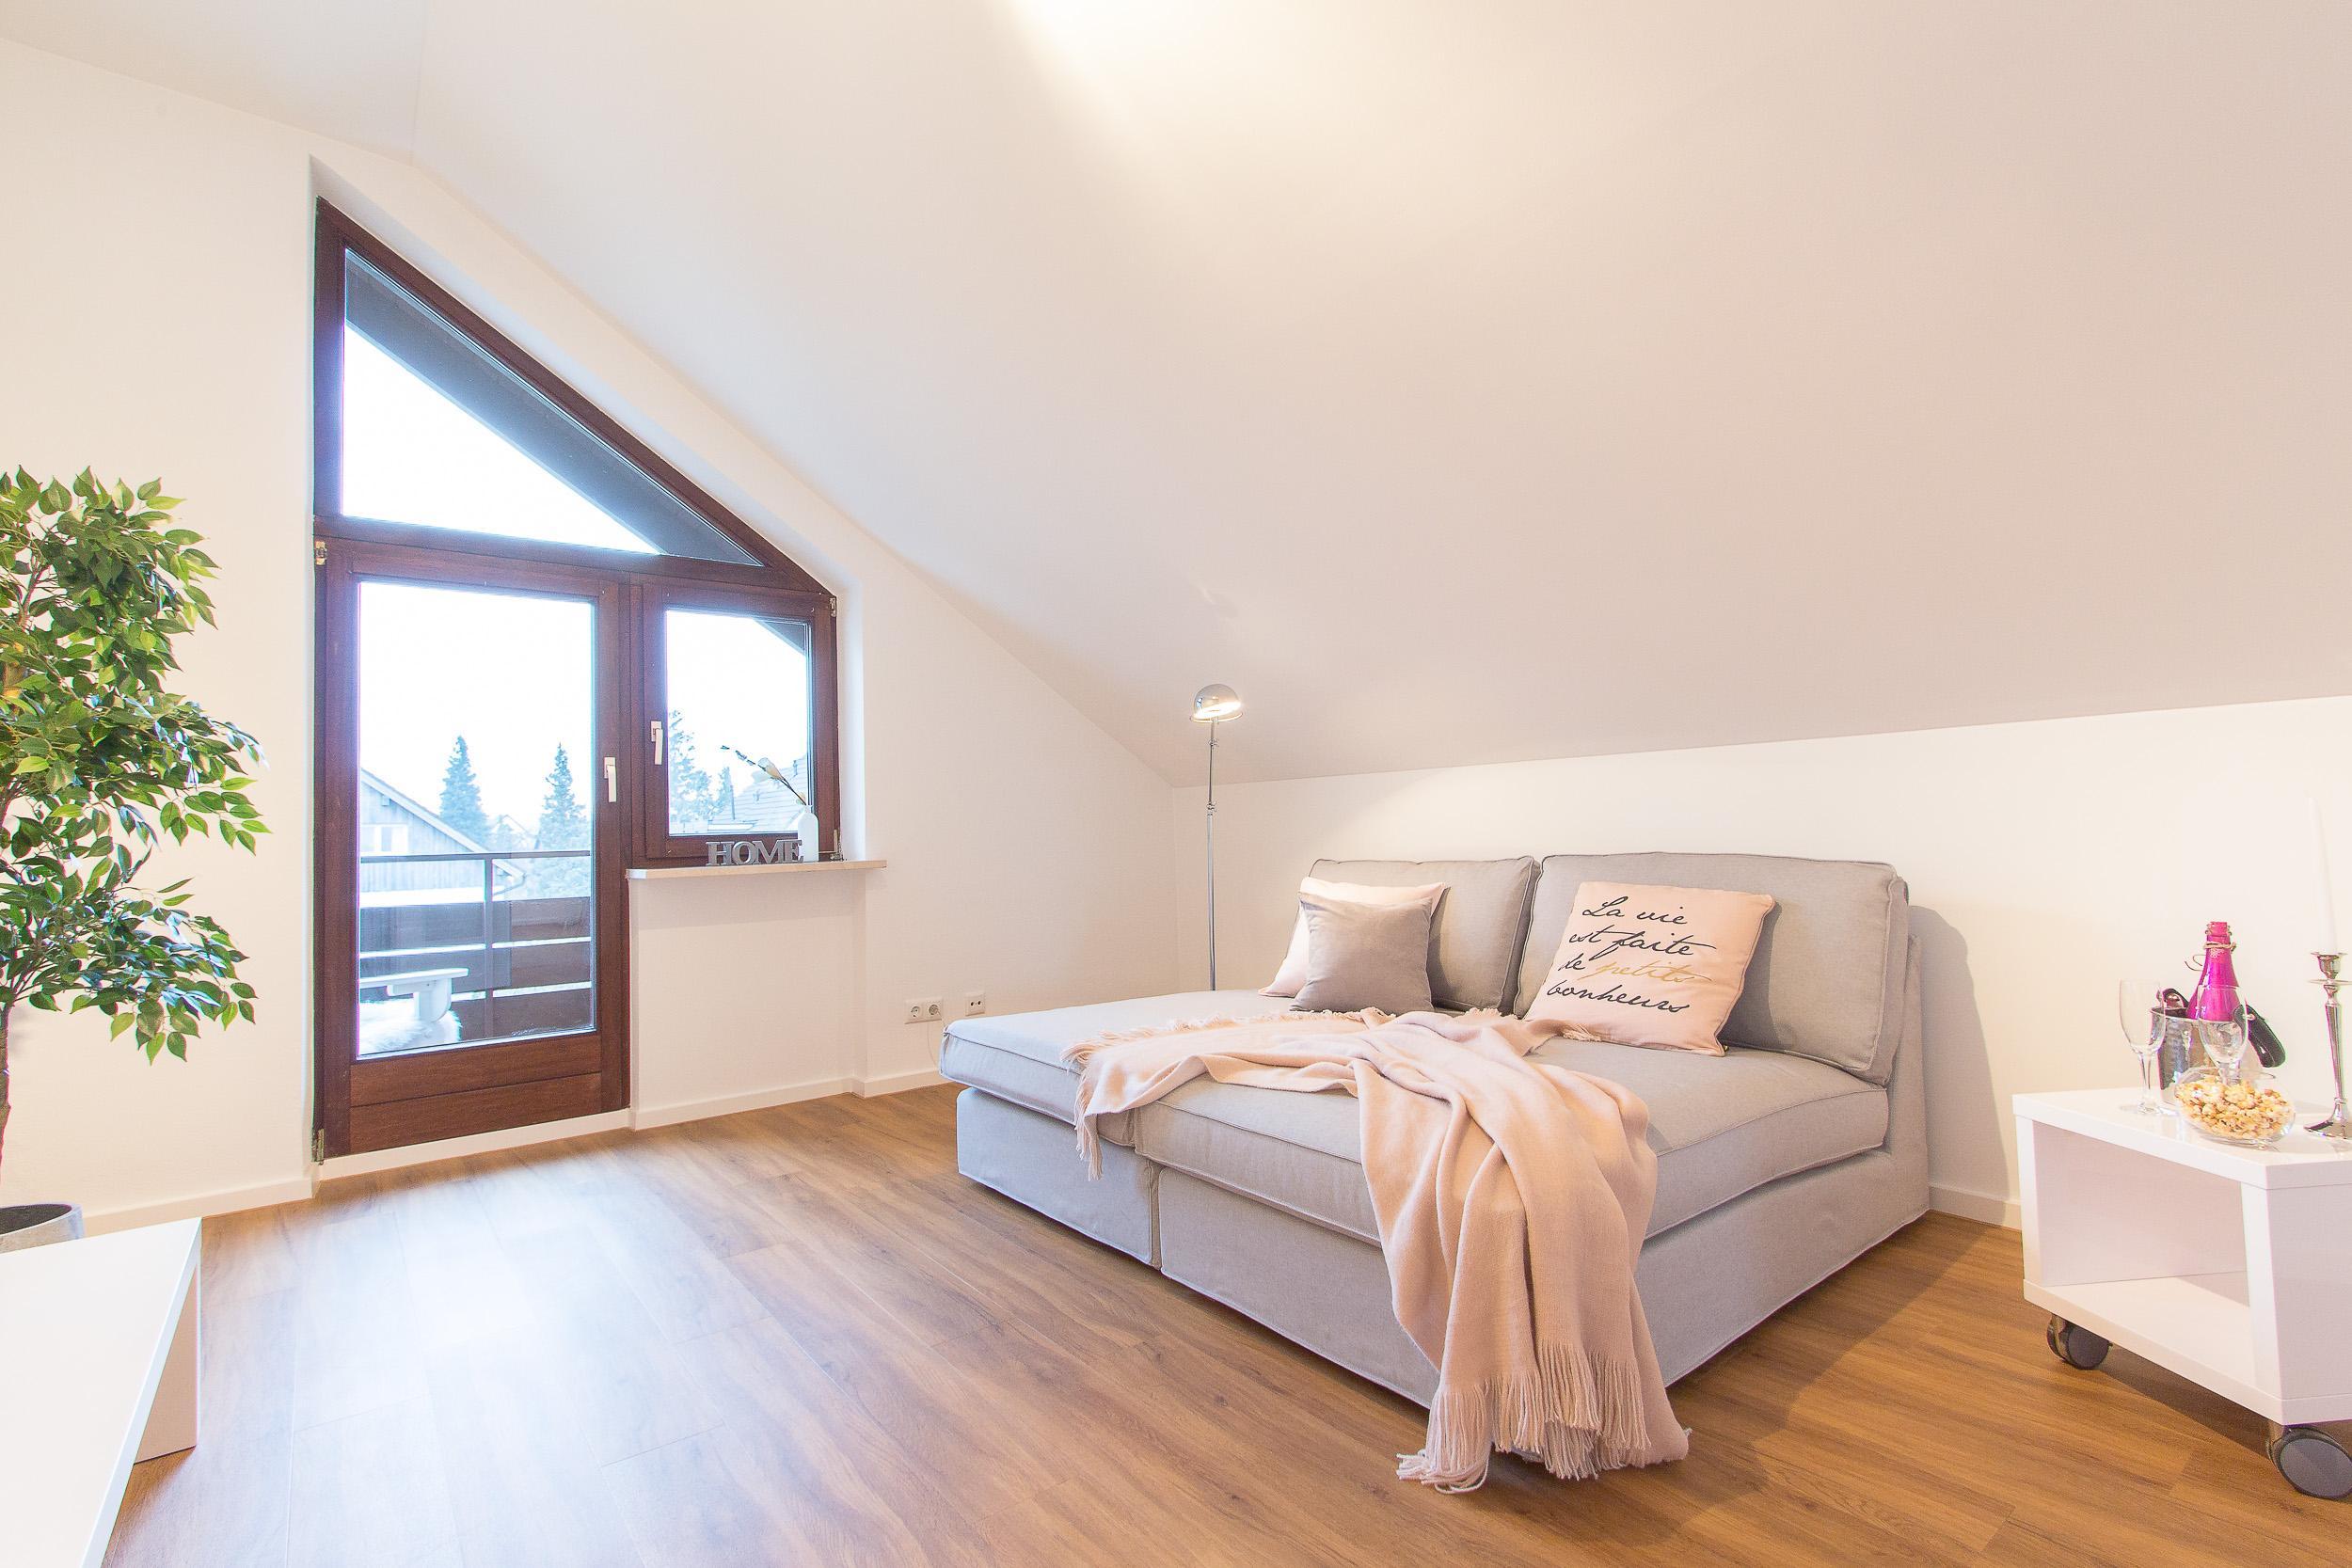 fernsehzimmer bilder ideen couchstyle. Black Bedroom Furniture Sets. Home Design Ideas